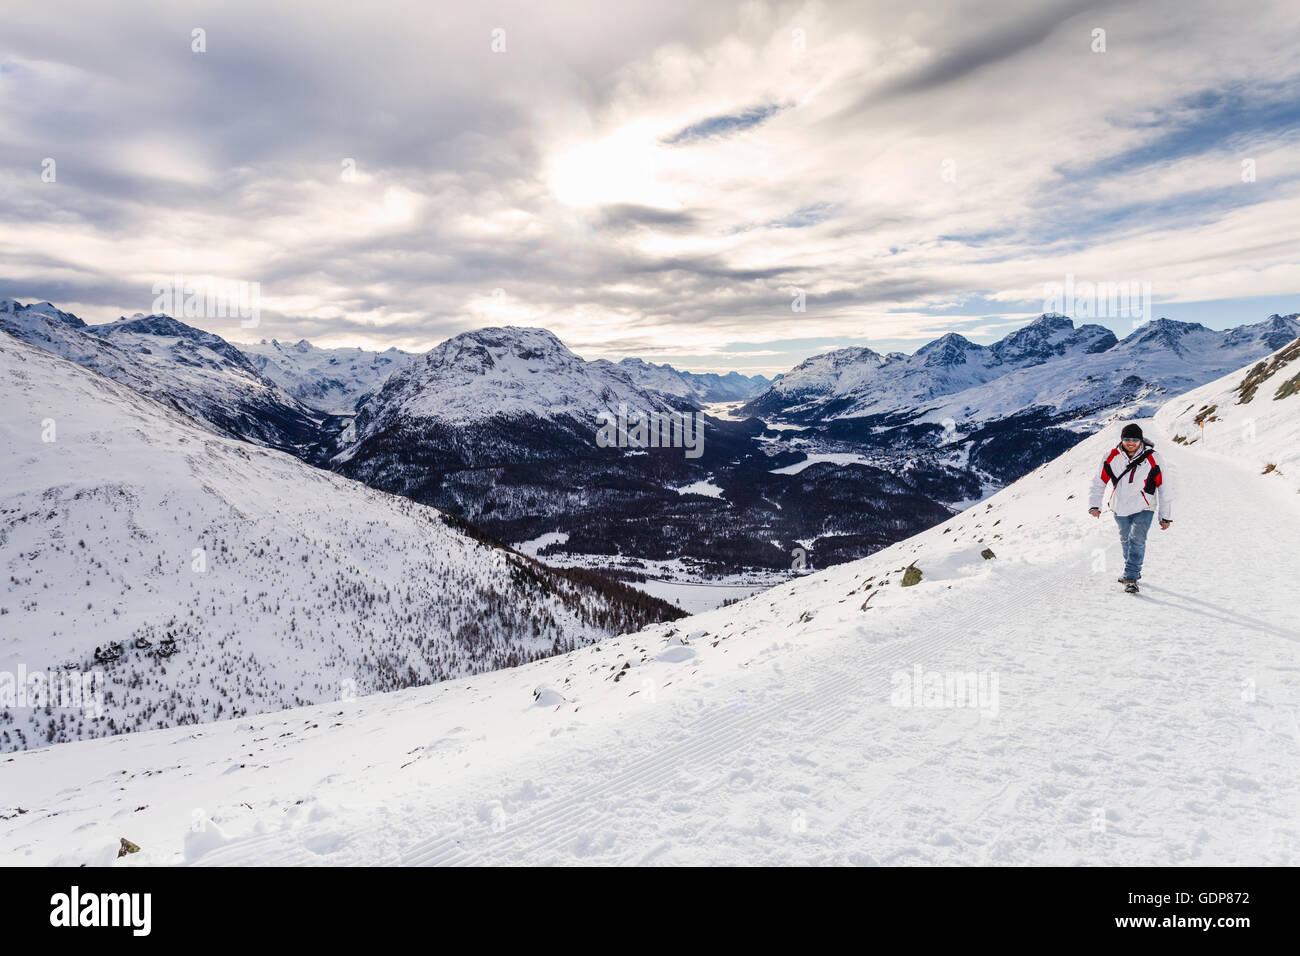 Homme marchant sur la montagne couverte de neige, vue arrière, Engadine, Suisse Photo Stock